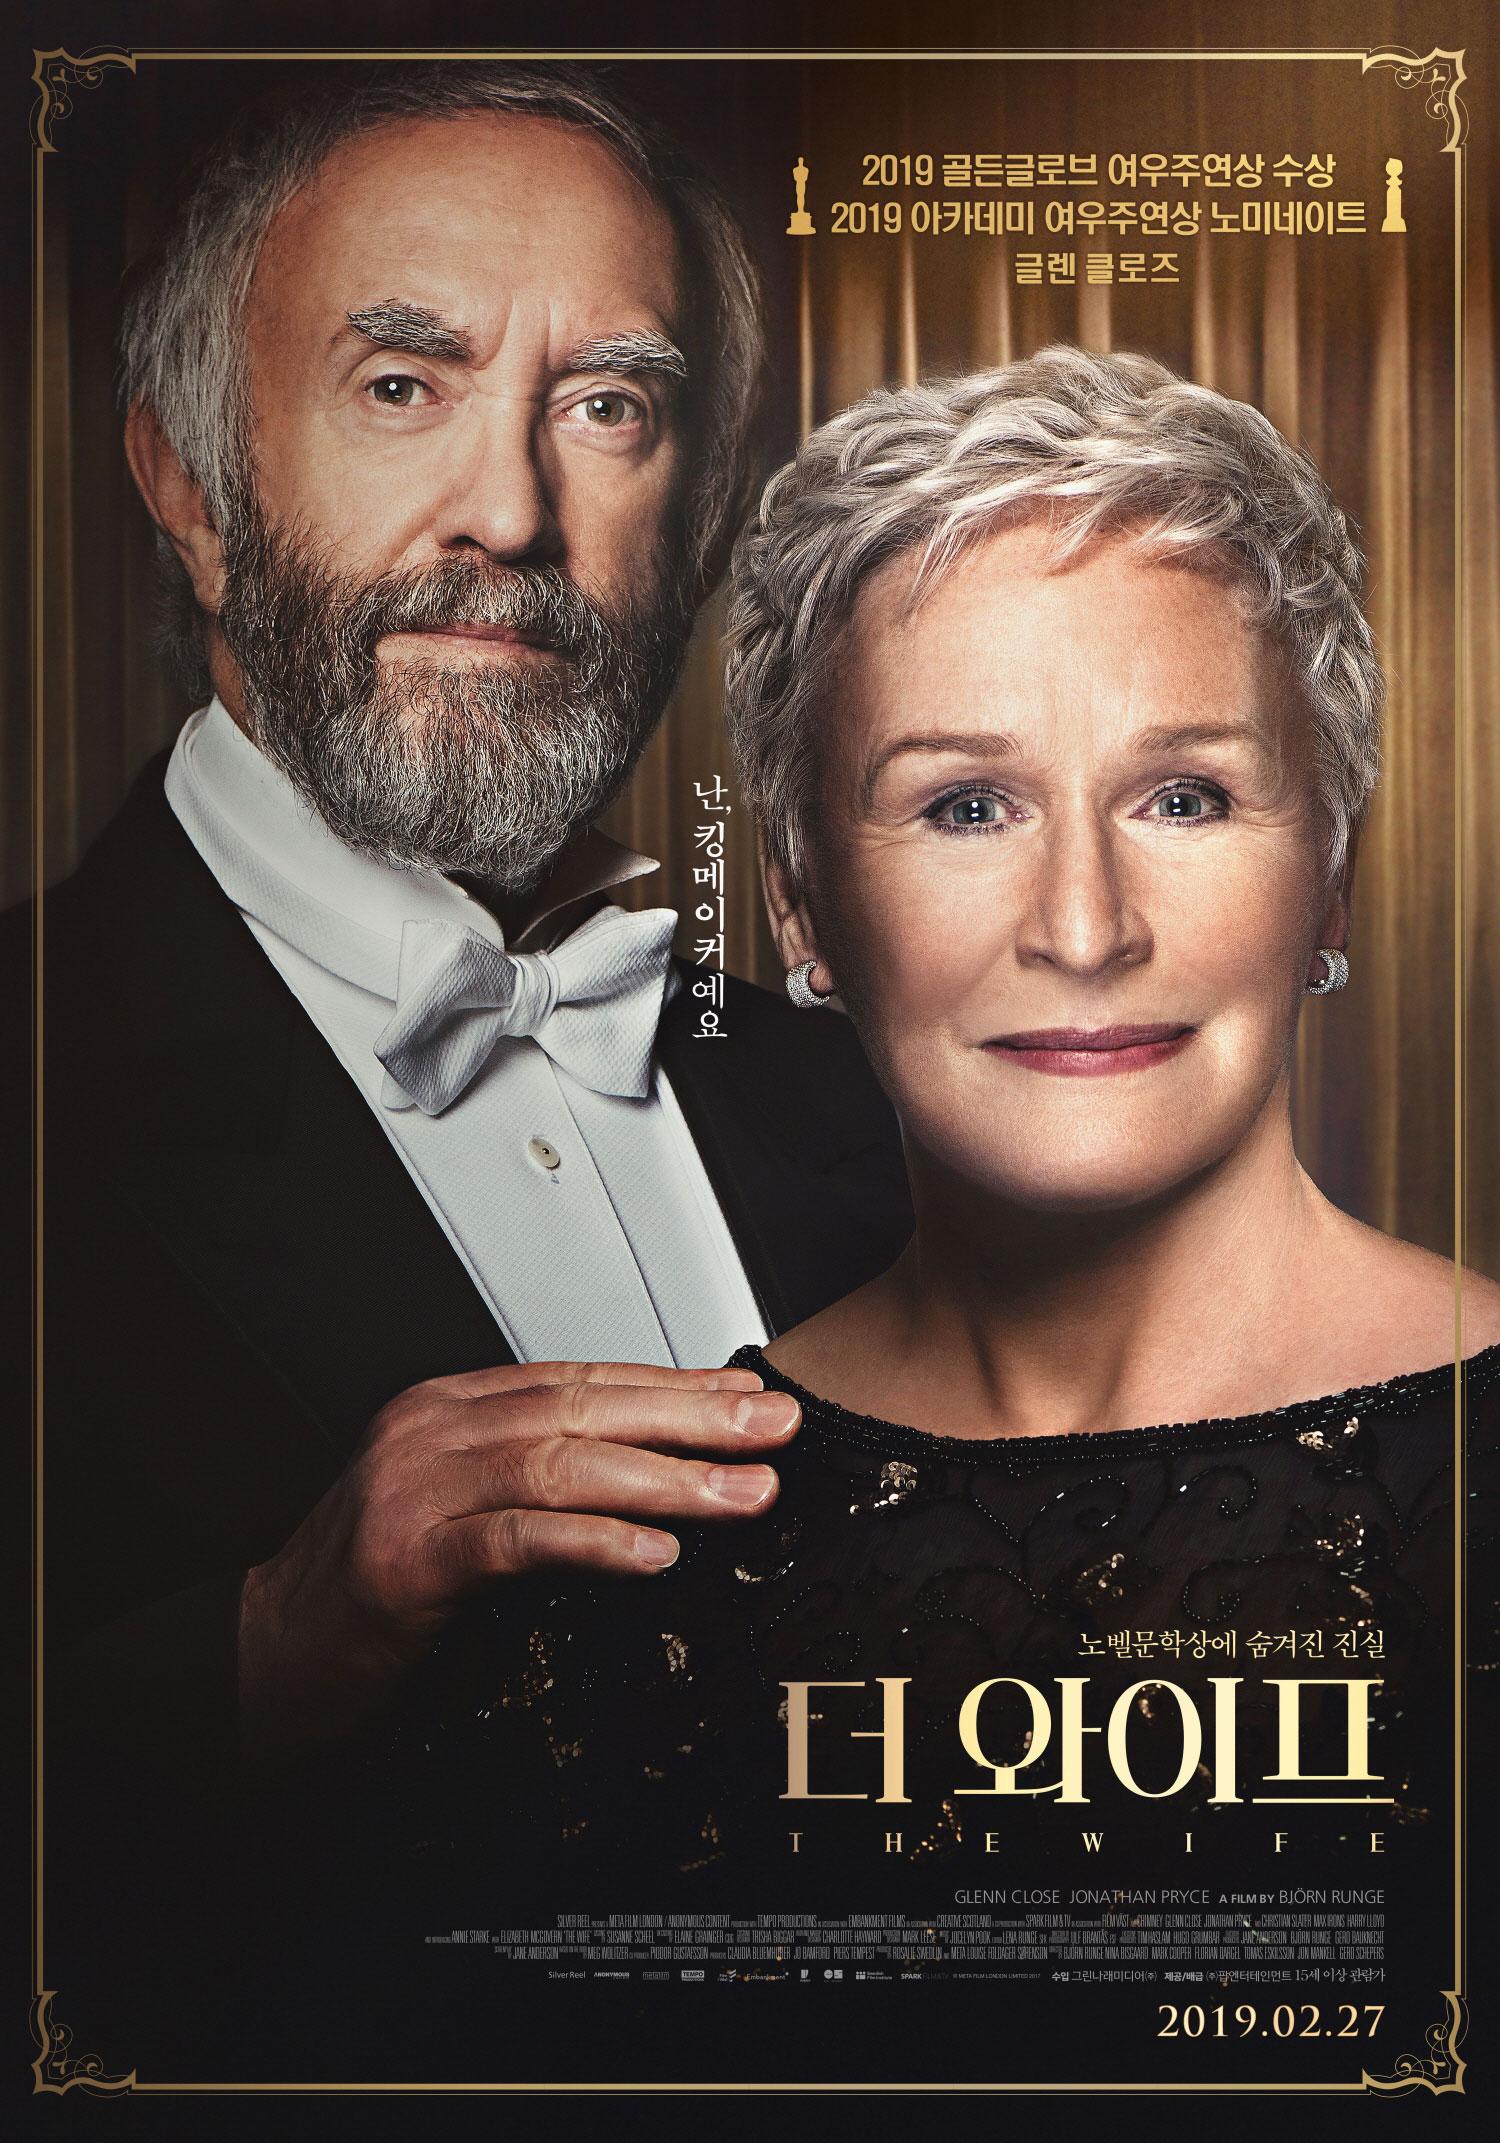 더 와이프 (The Wife, 2017)